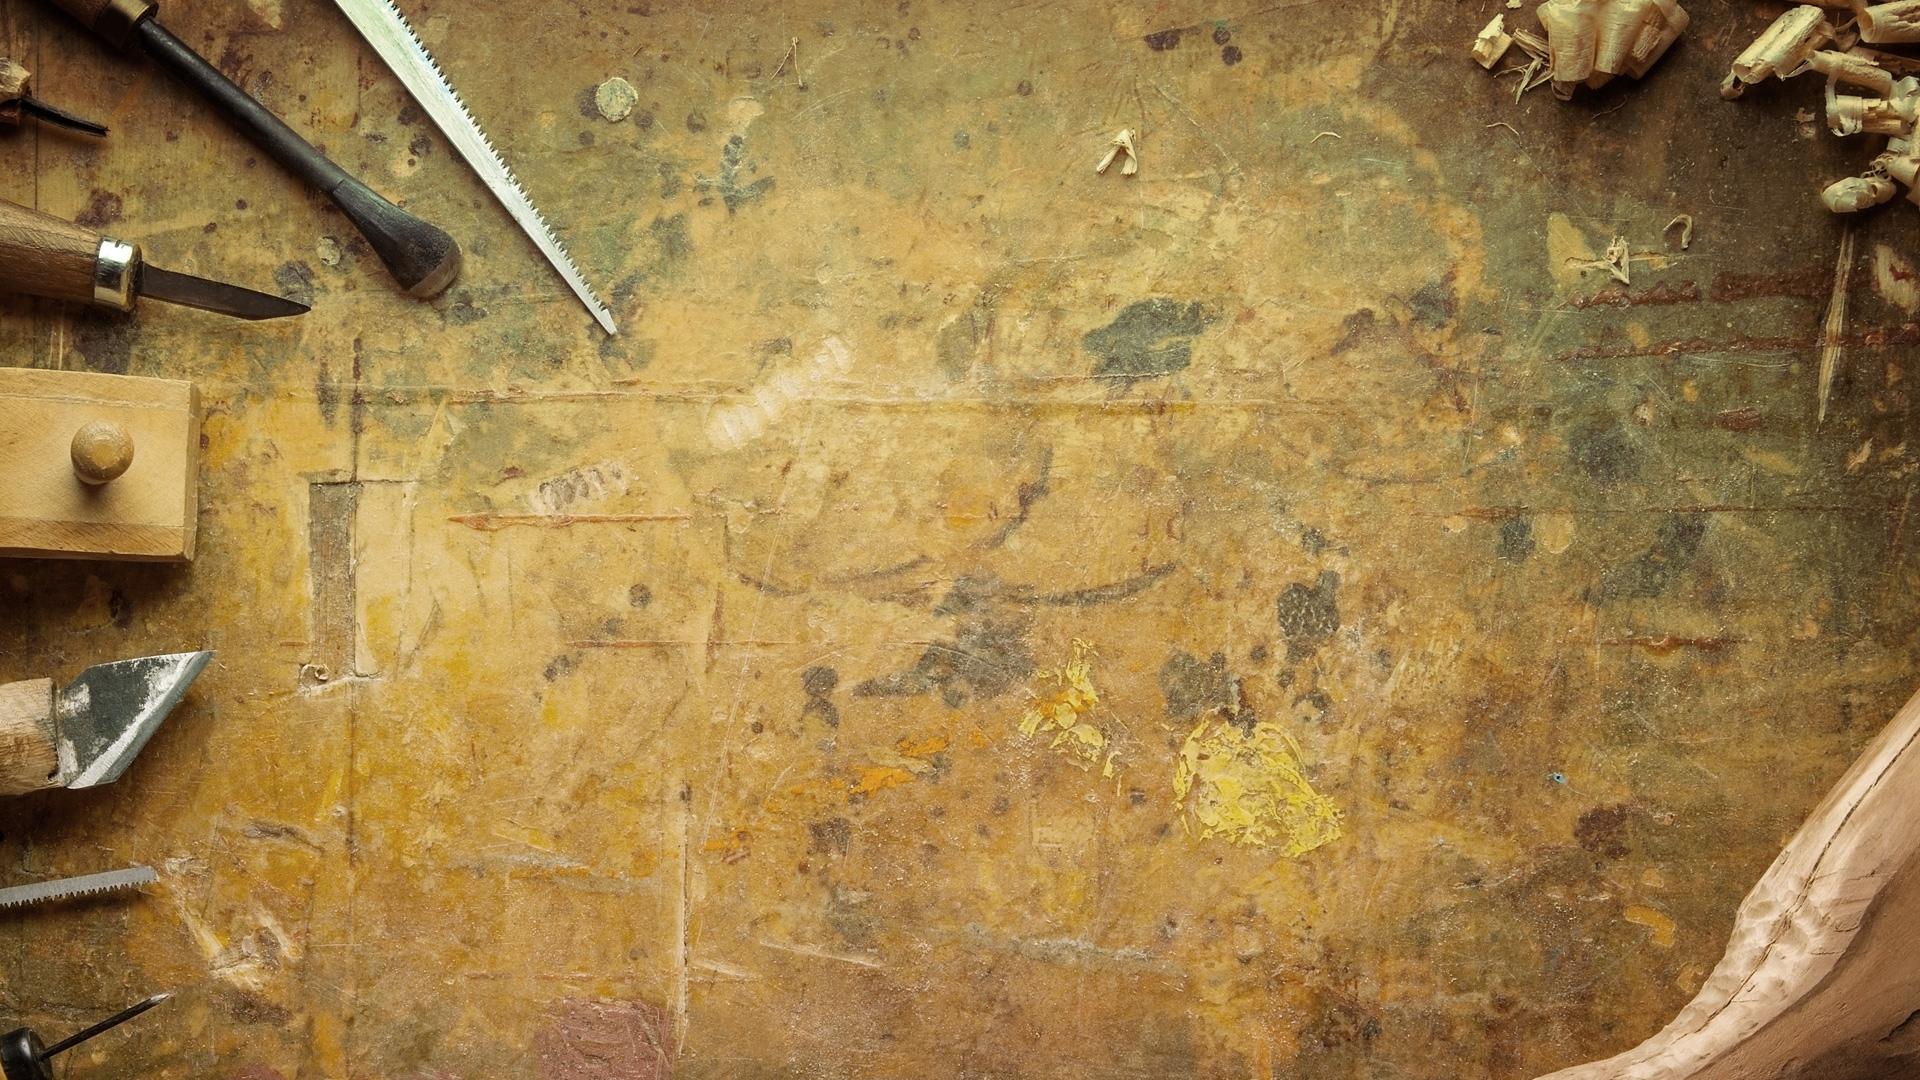 Tisch Unterlage Holz Kerben Farben alt Tischlerei Grobe